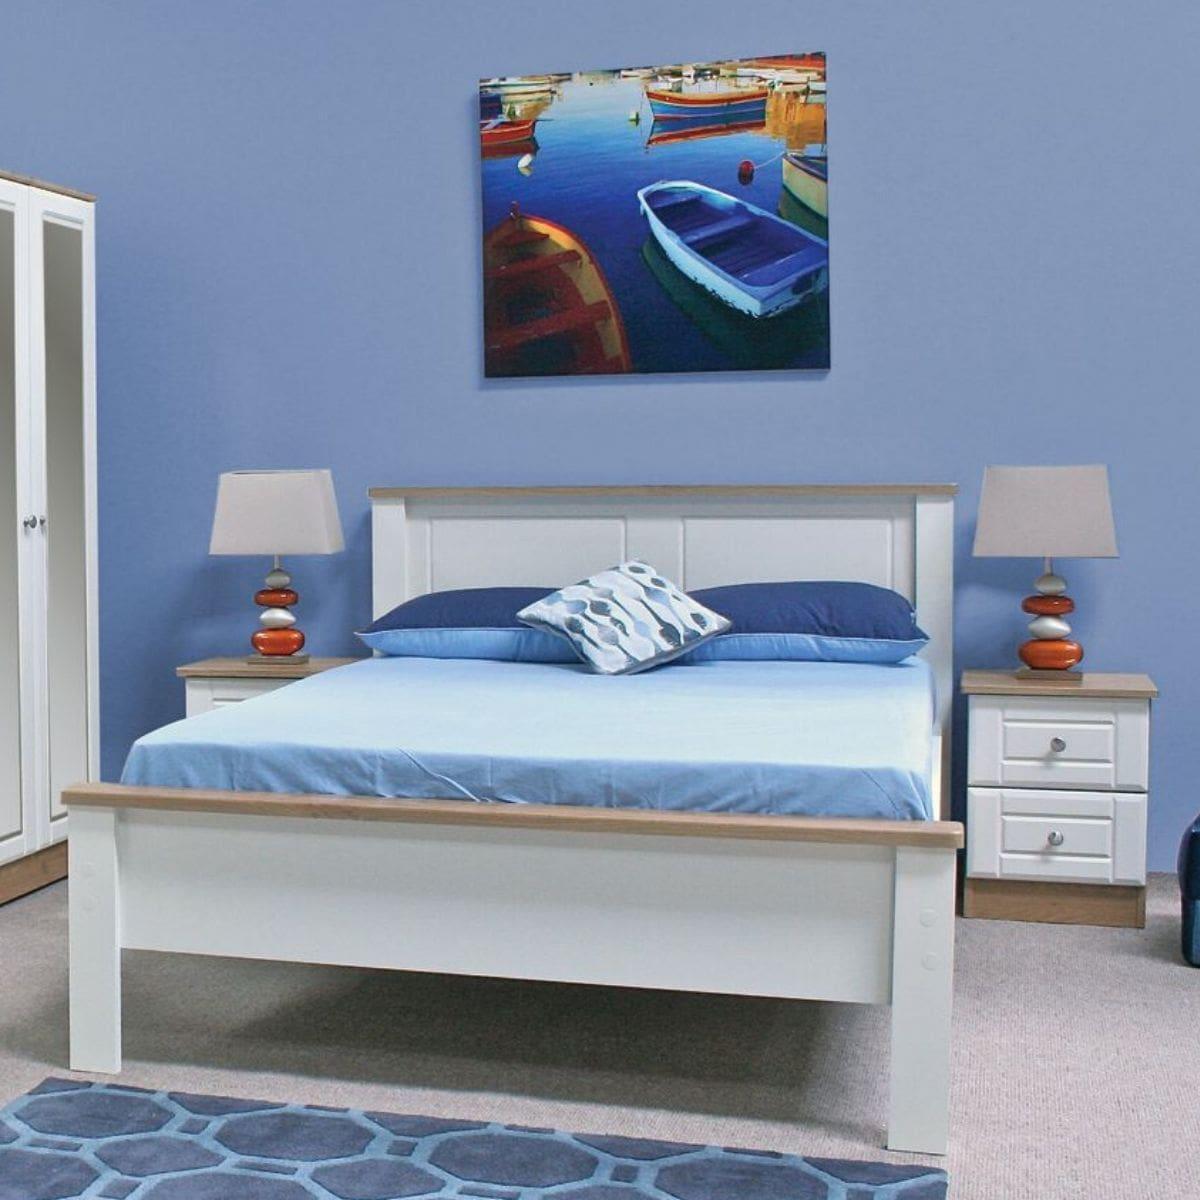 Bed Frame White Wood